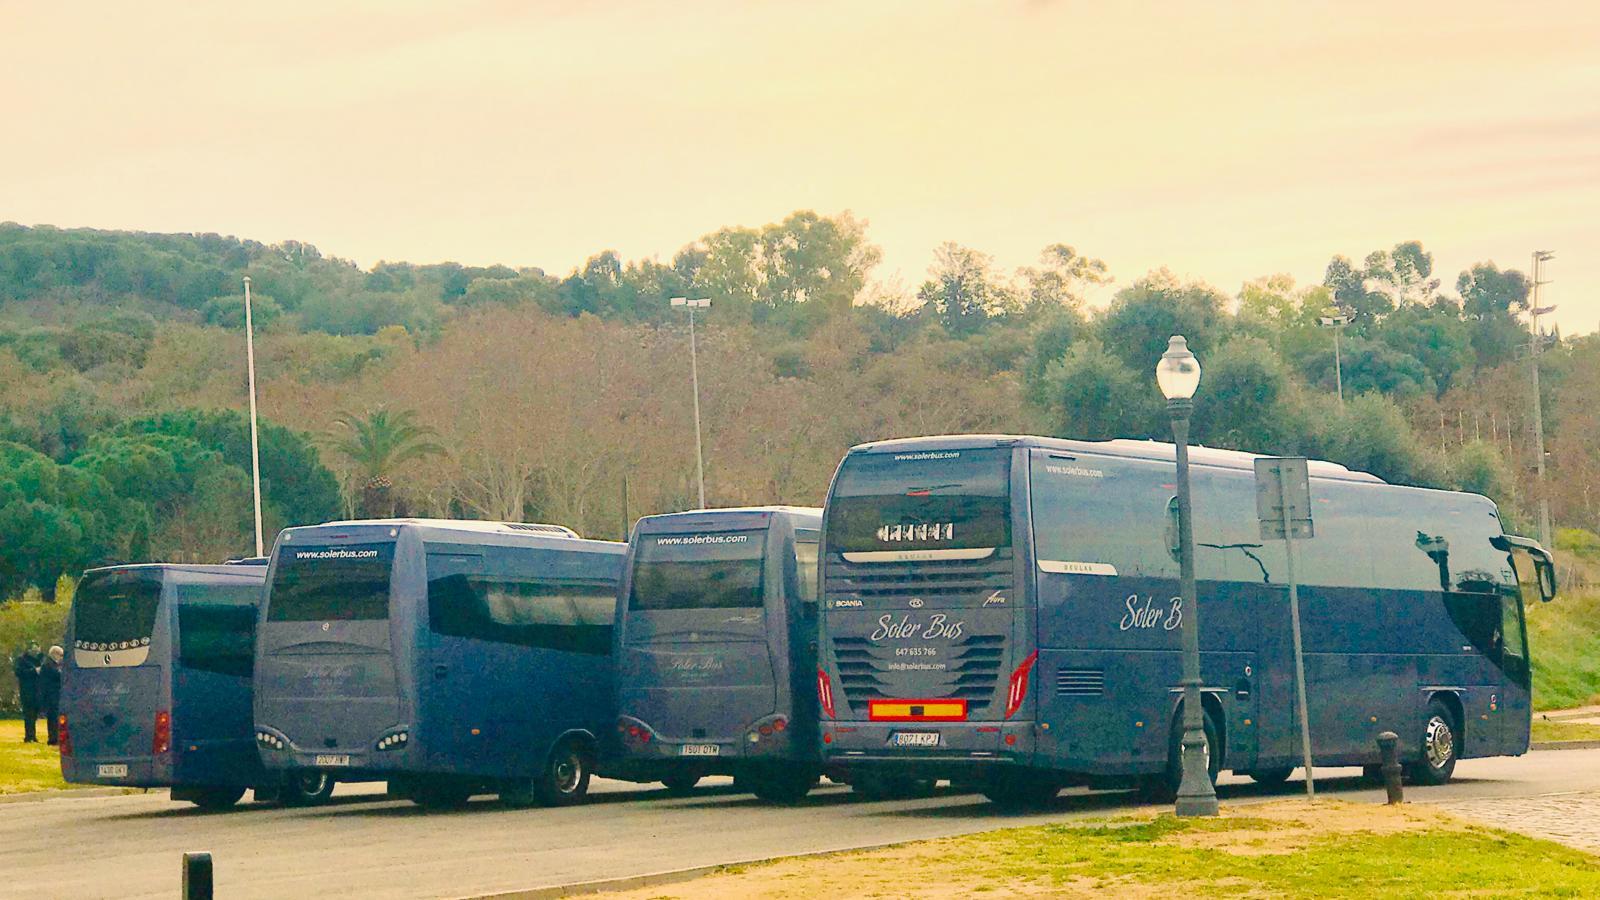 soler bus home (2)